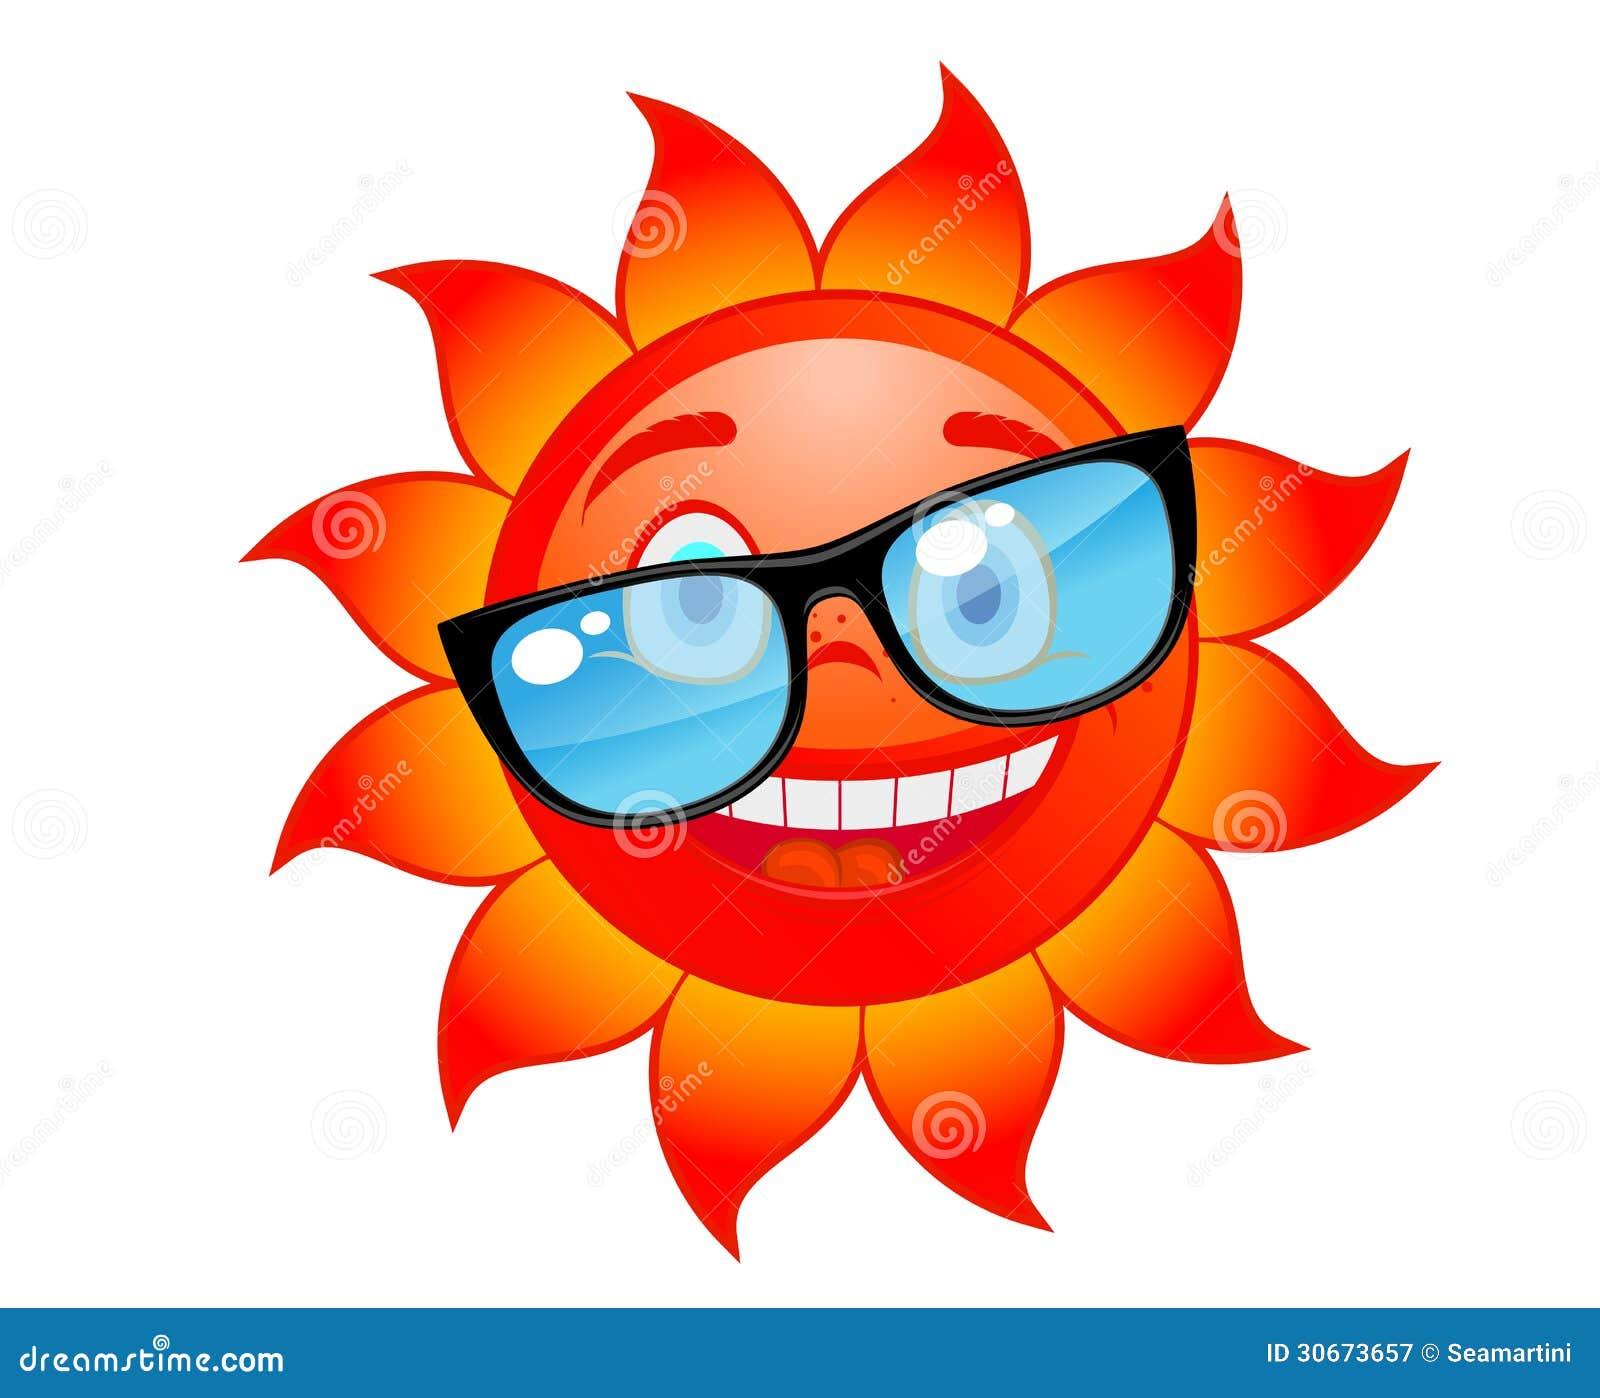 Clipart Sun Smile